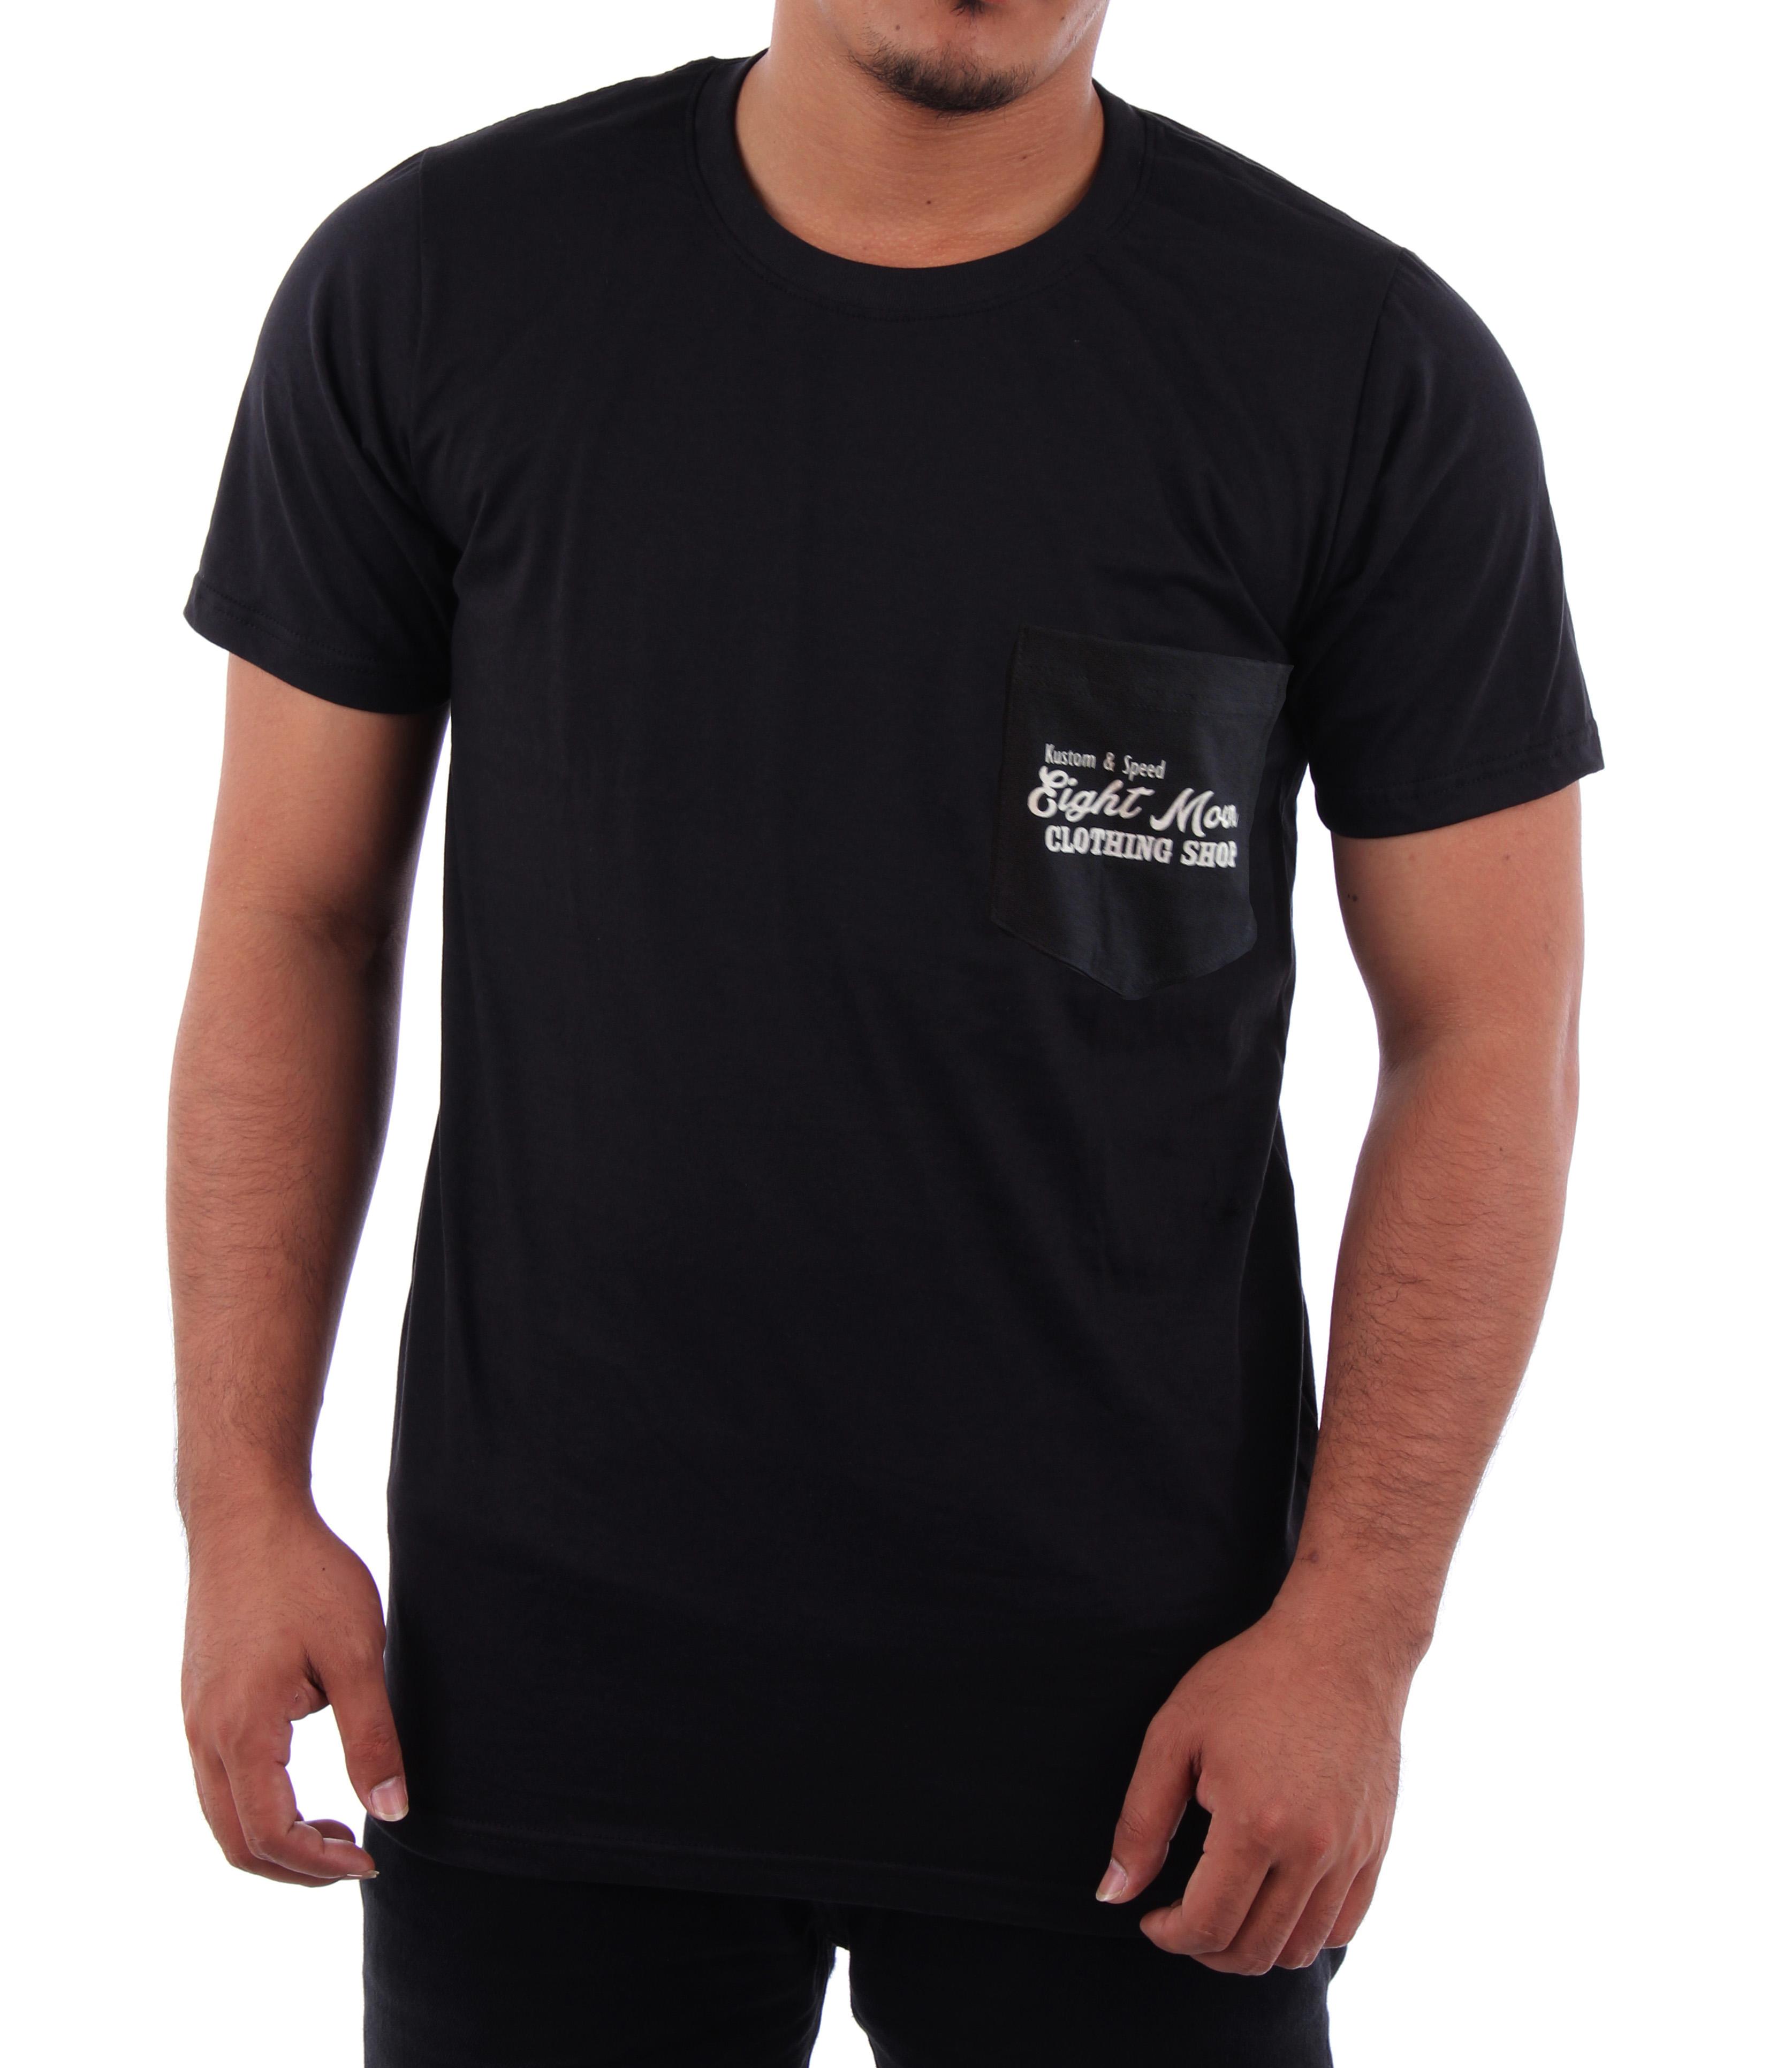 eight_moon_rockabilly_mens_shirt_rock_n_roll_hot_rod_cafe_racer_en2_t_shirts_5.jpg